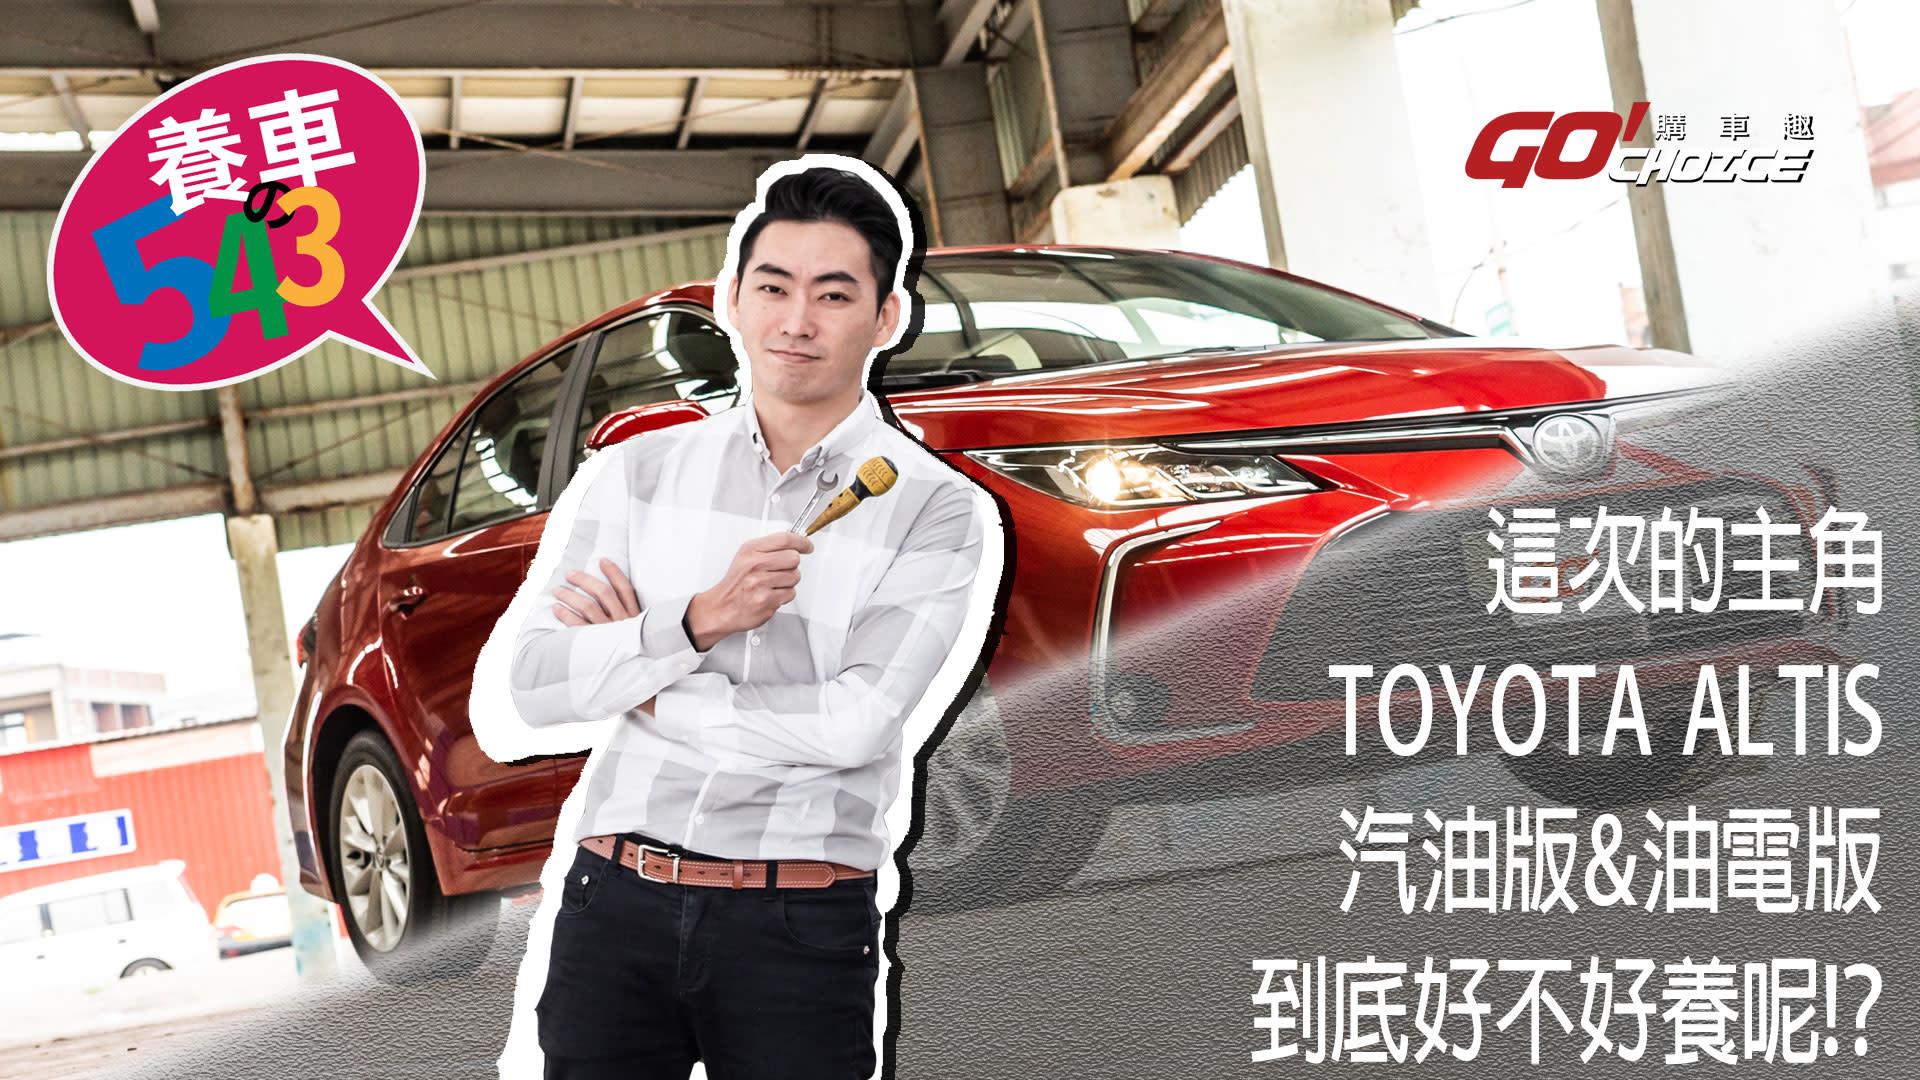 養車543-2019年式 TOYOTA ALTIS 汽油版&Hybird油電版(第八集)